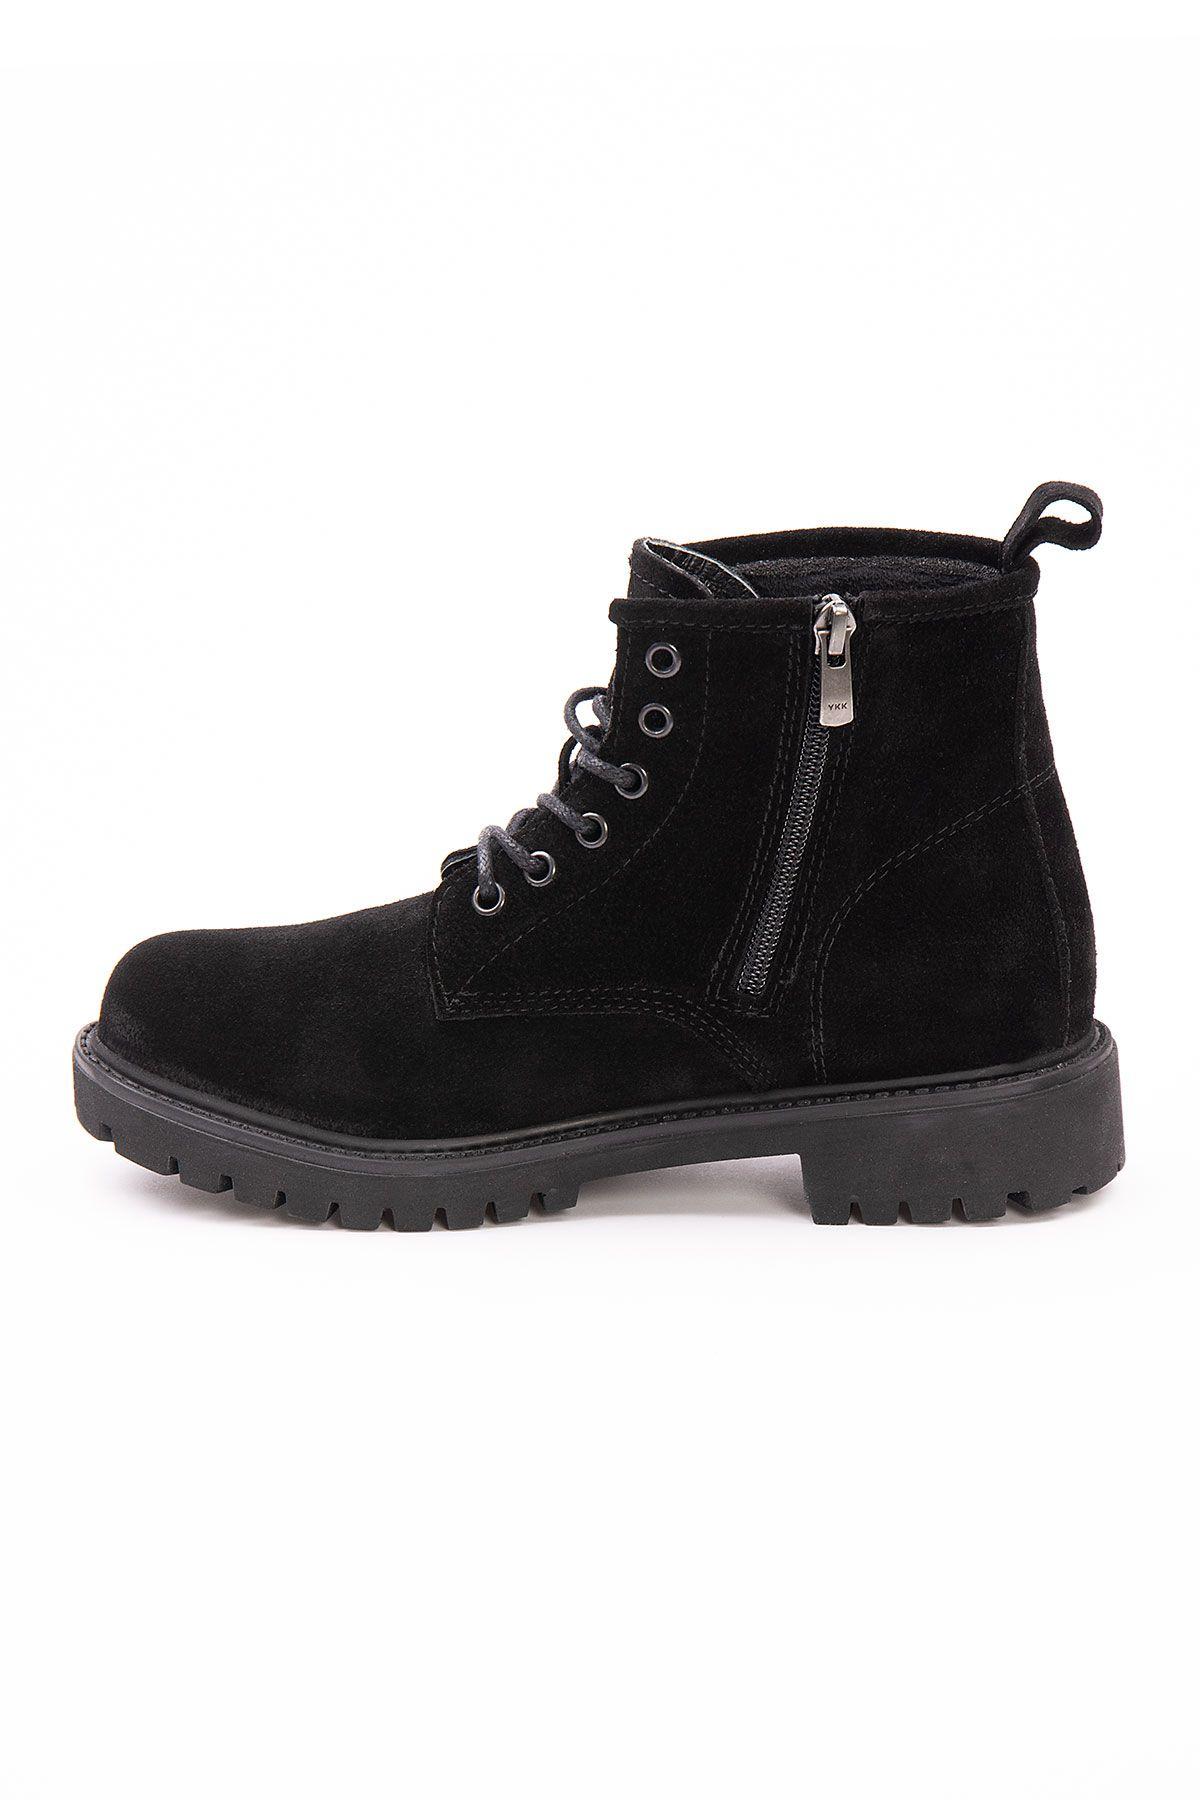 Pegia Genuine Suede Women's Boots 500805 Black